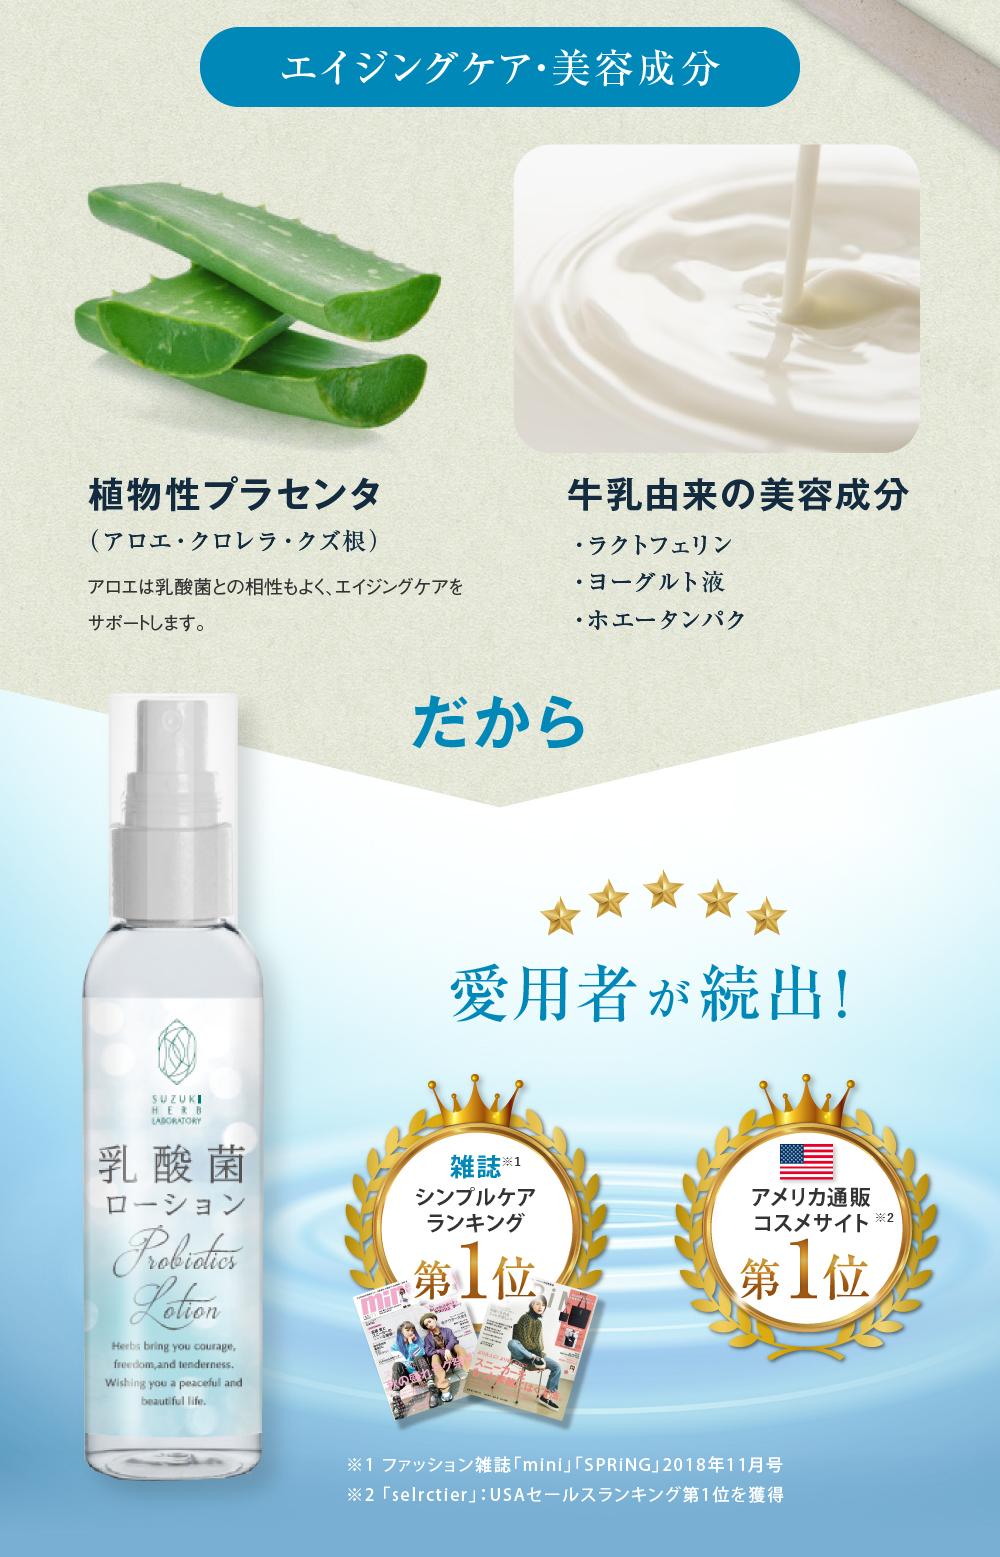 エイジングケア・美容成分 植物性プラセンタ 牛乳由来の美容成分 だから愛用者が続出!